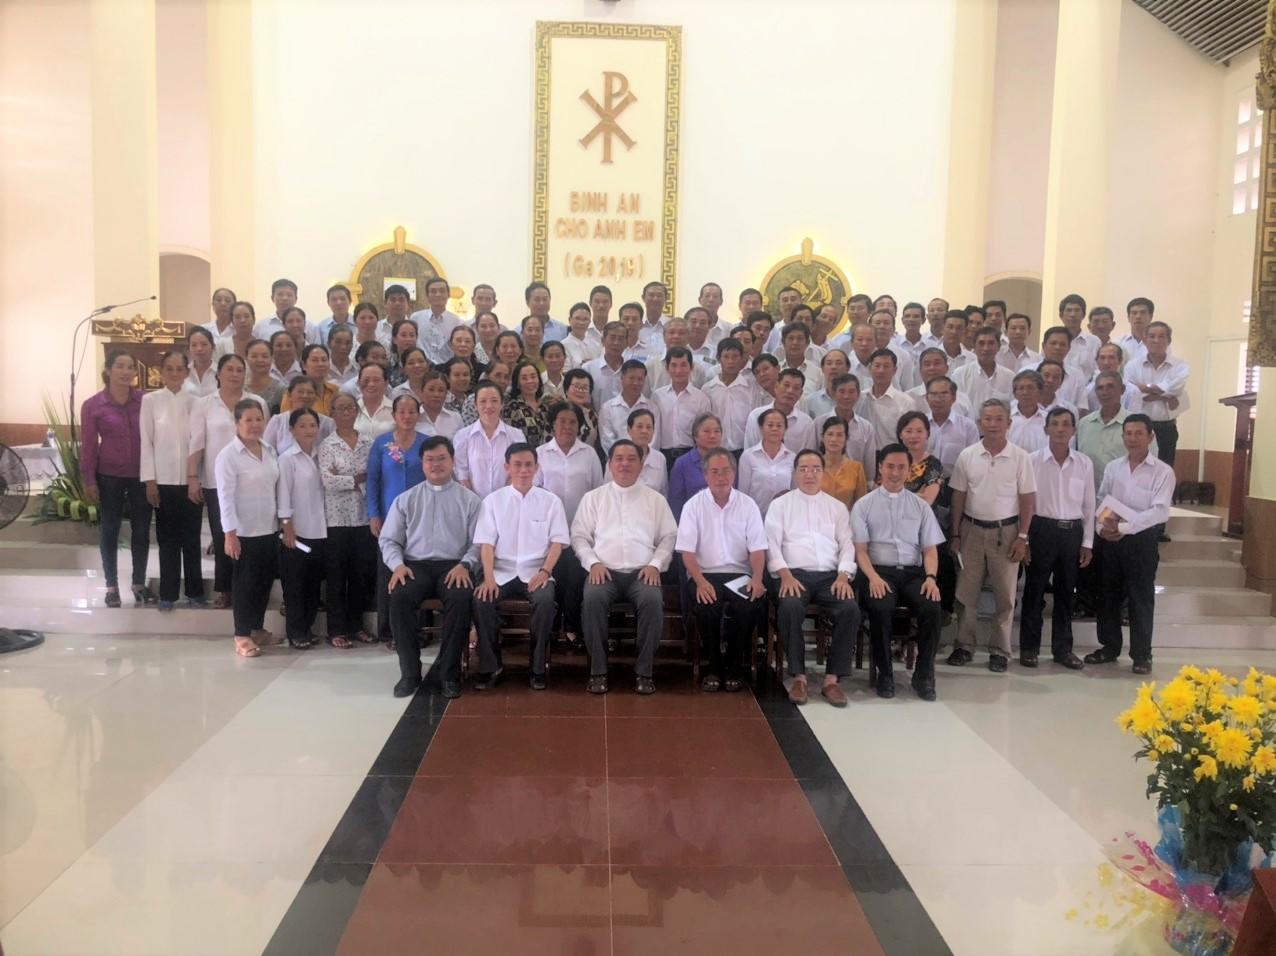 Nhà thờ Cái Đôi: Ngày họp mặt Quới chức trong Hạt